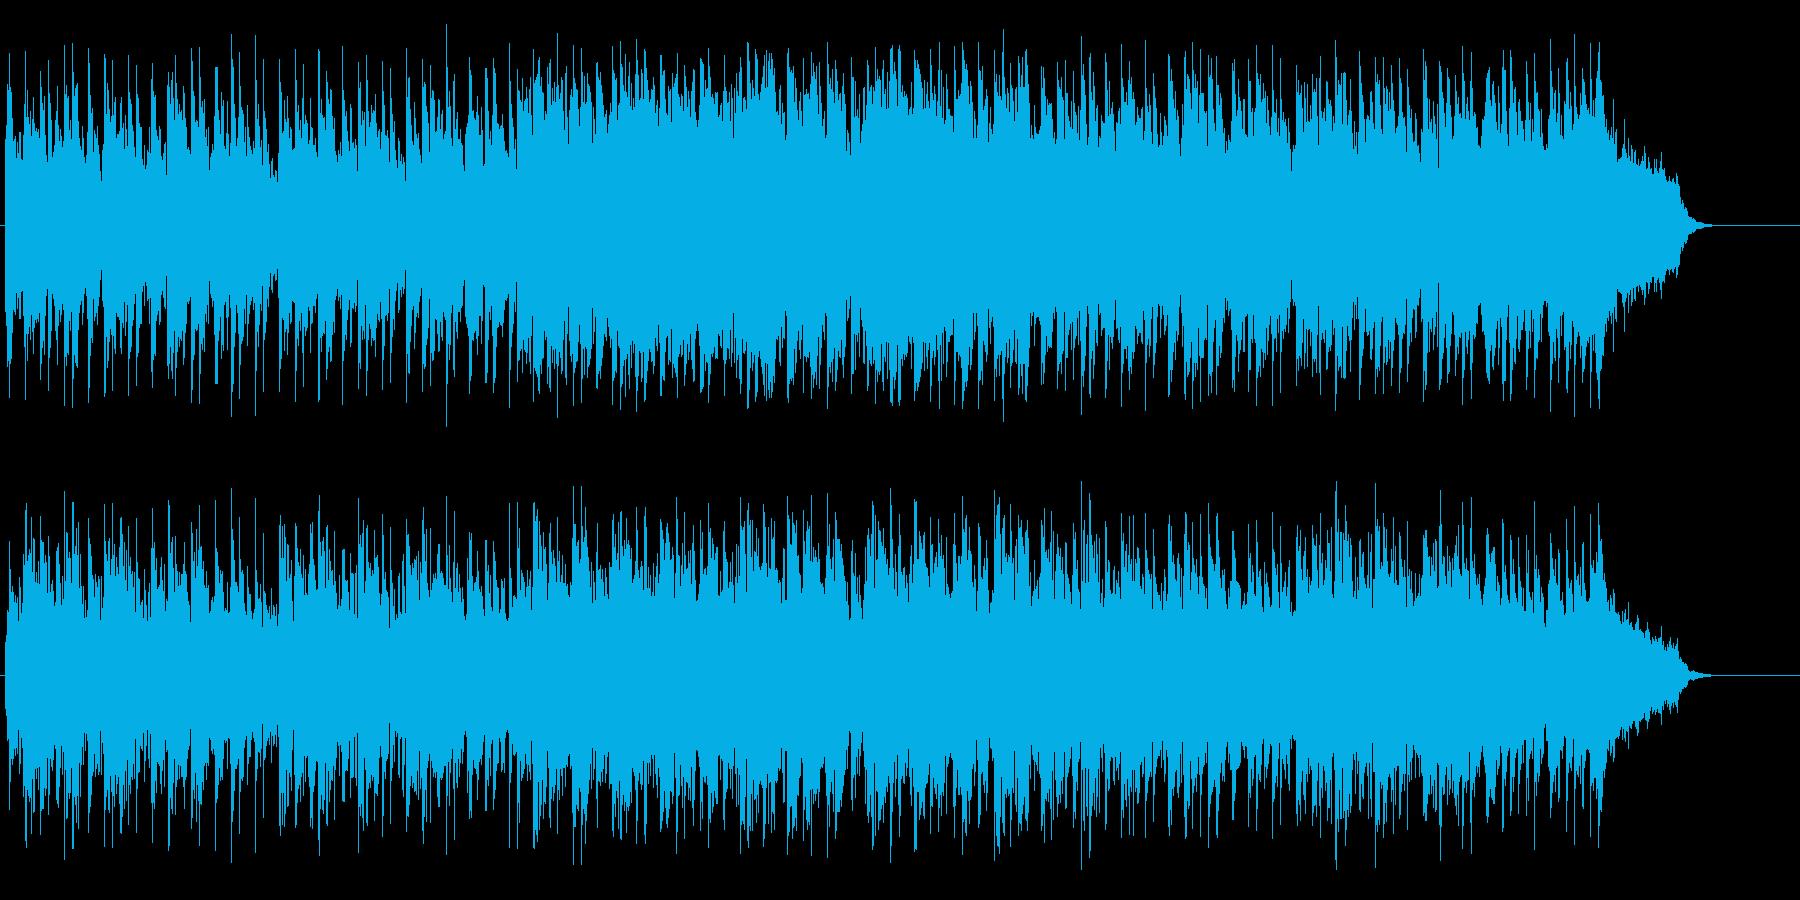 力強さを感じるドキュメントBGMの再生済みの波形